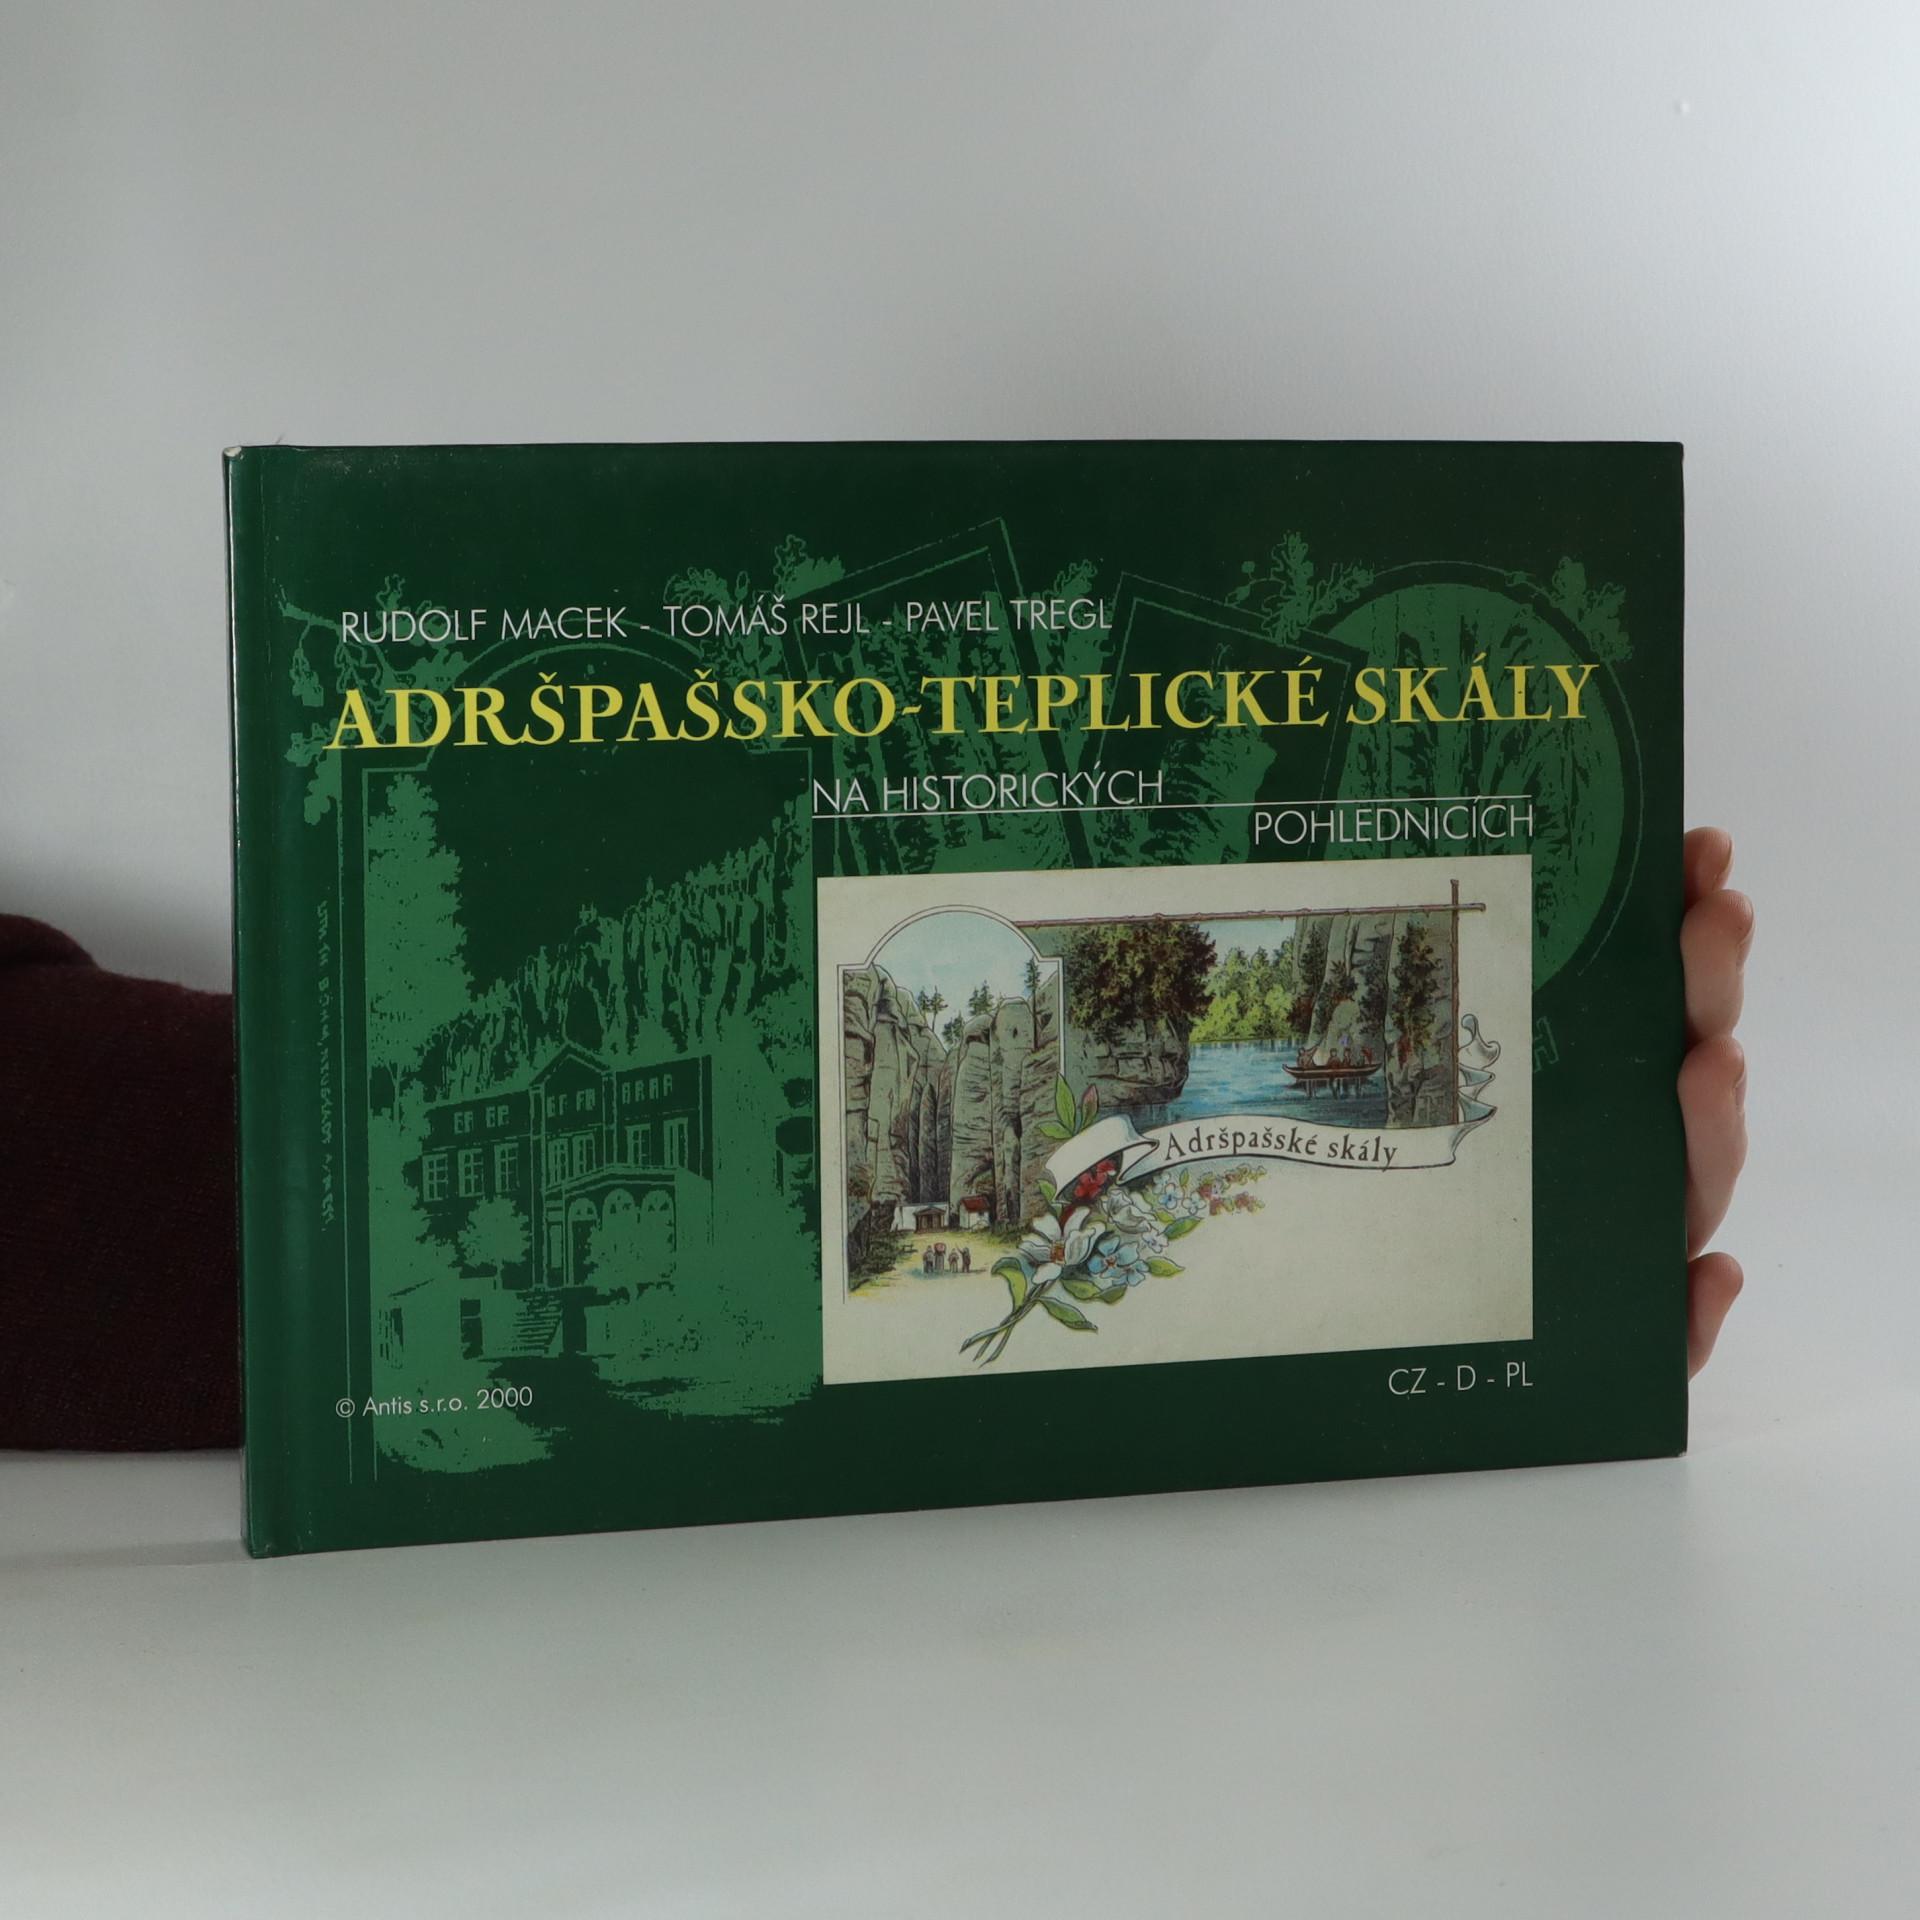 antikvární kniha Adršpašsko-teplické skály na historických pohlednicích, 2000